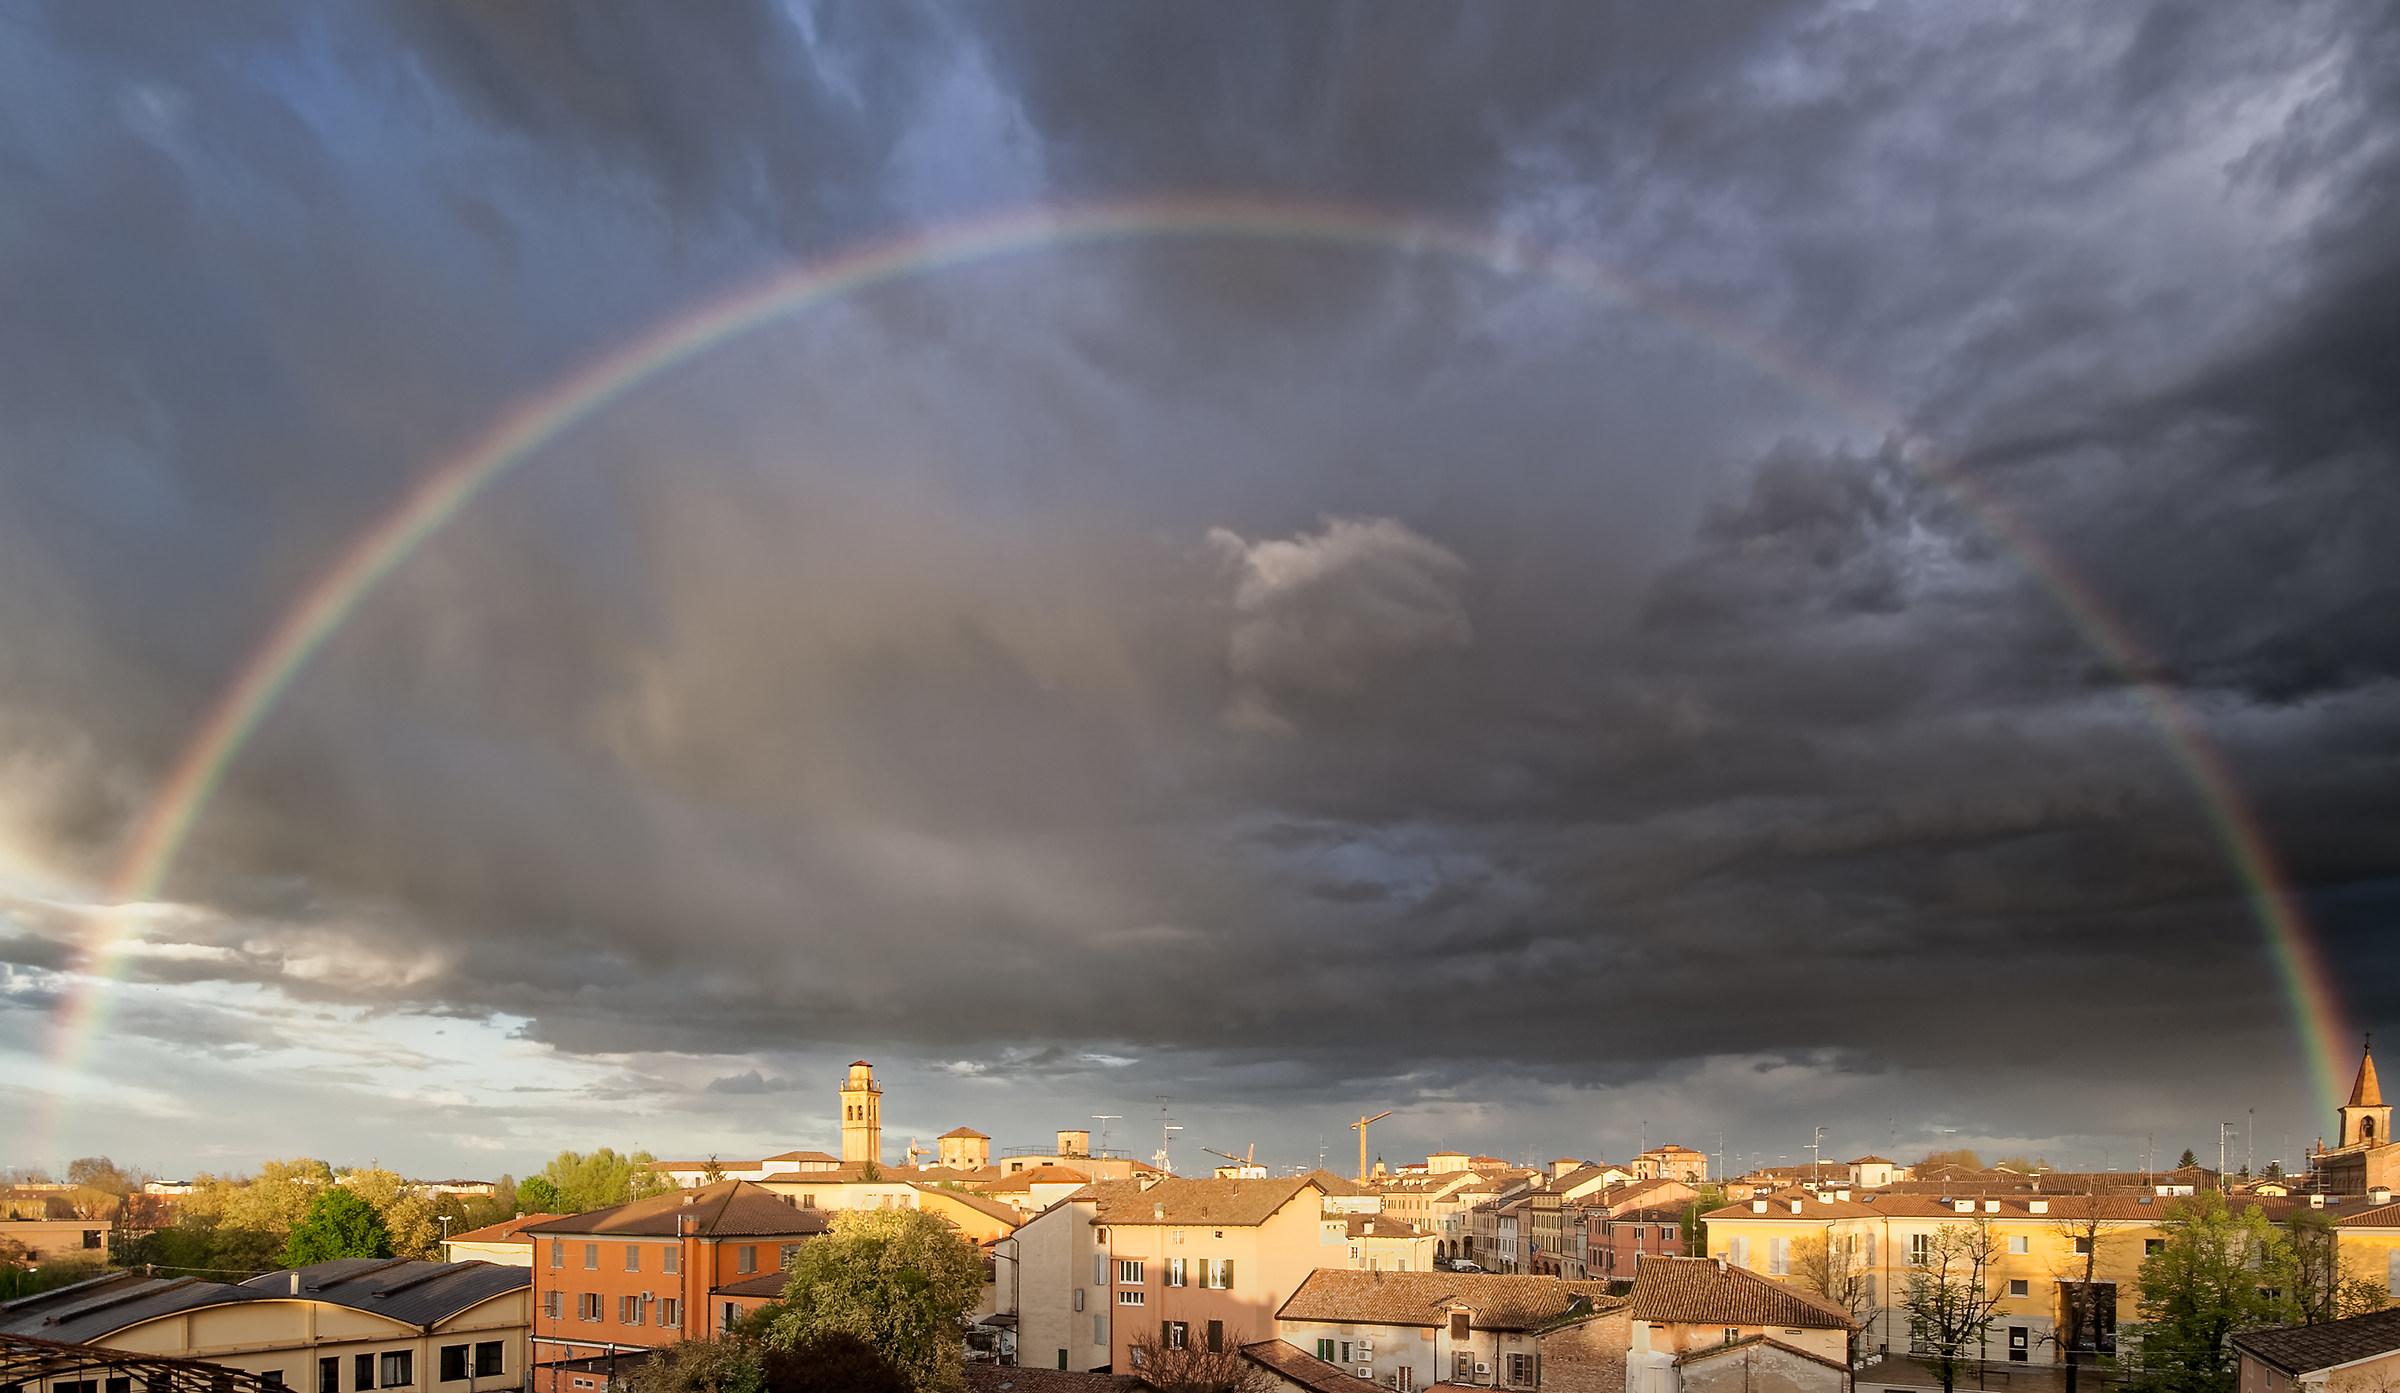 The sky above Correggio...